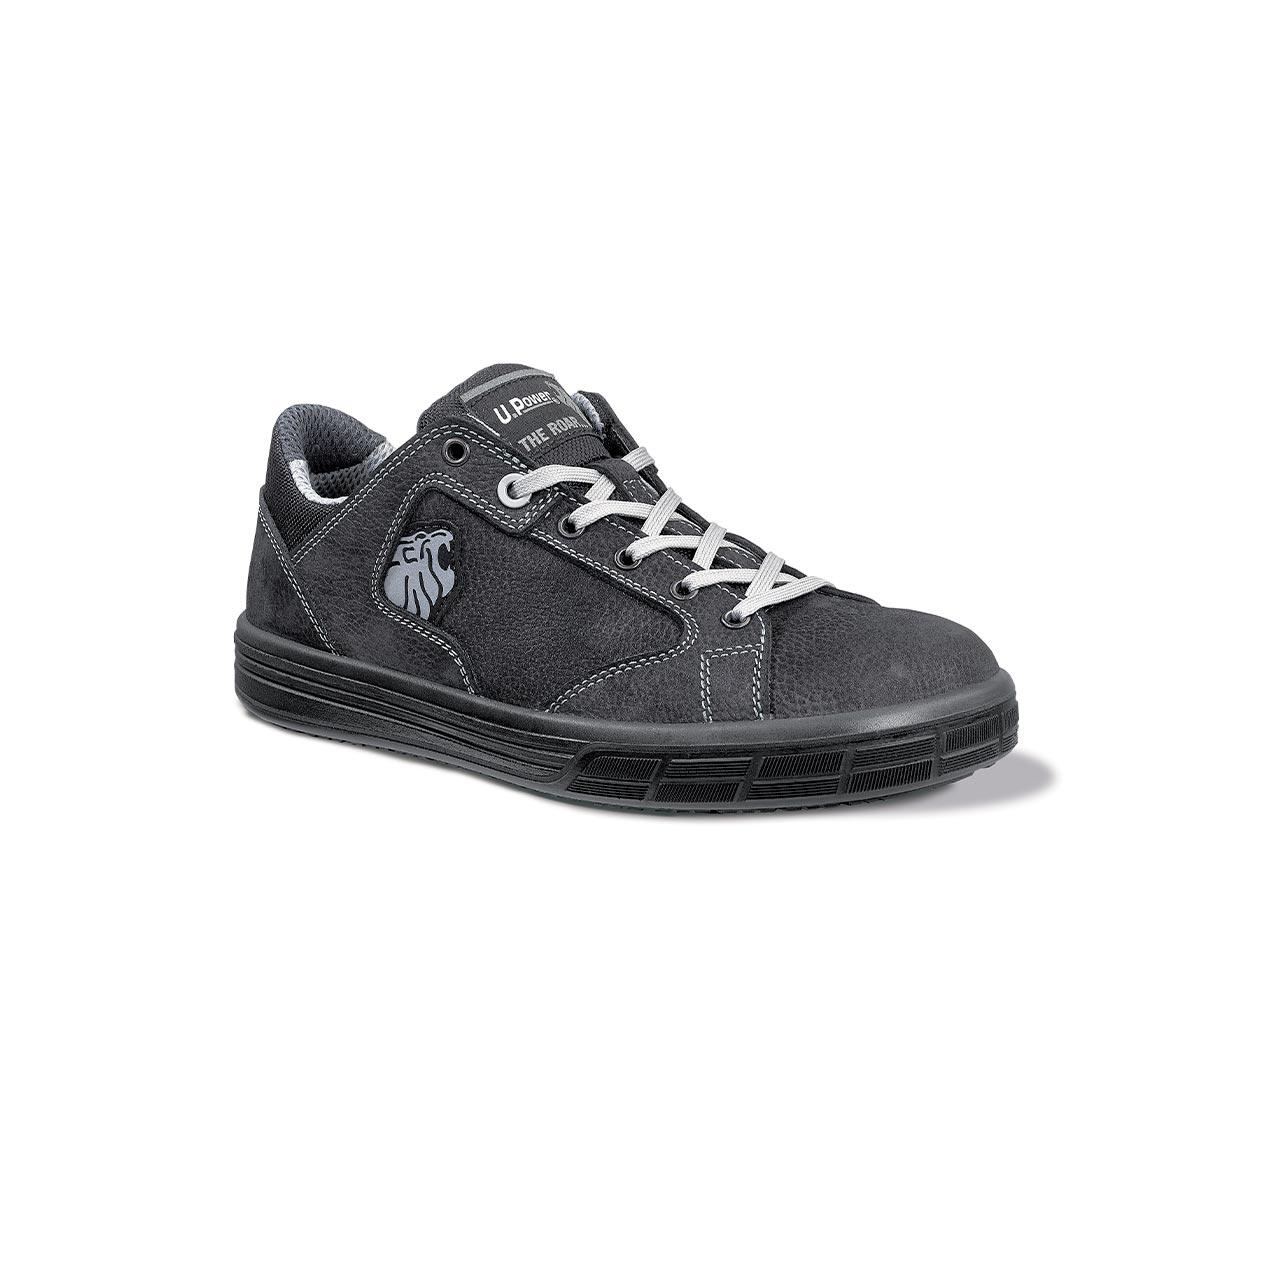 scarpa antinfortunistica upower modello king linea theroar vista laterale